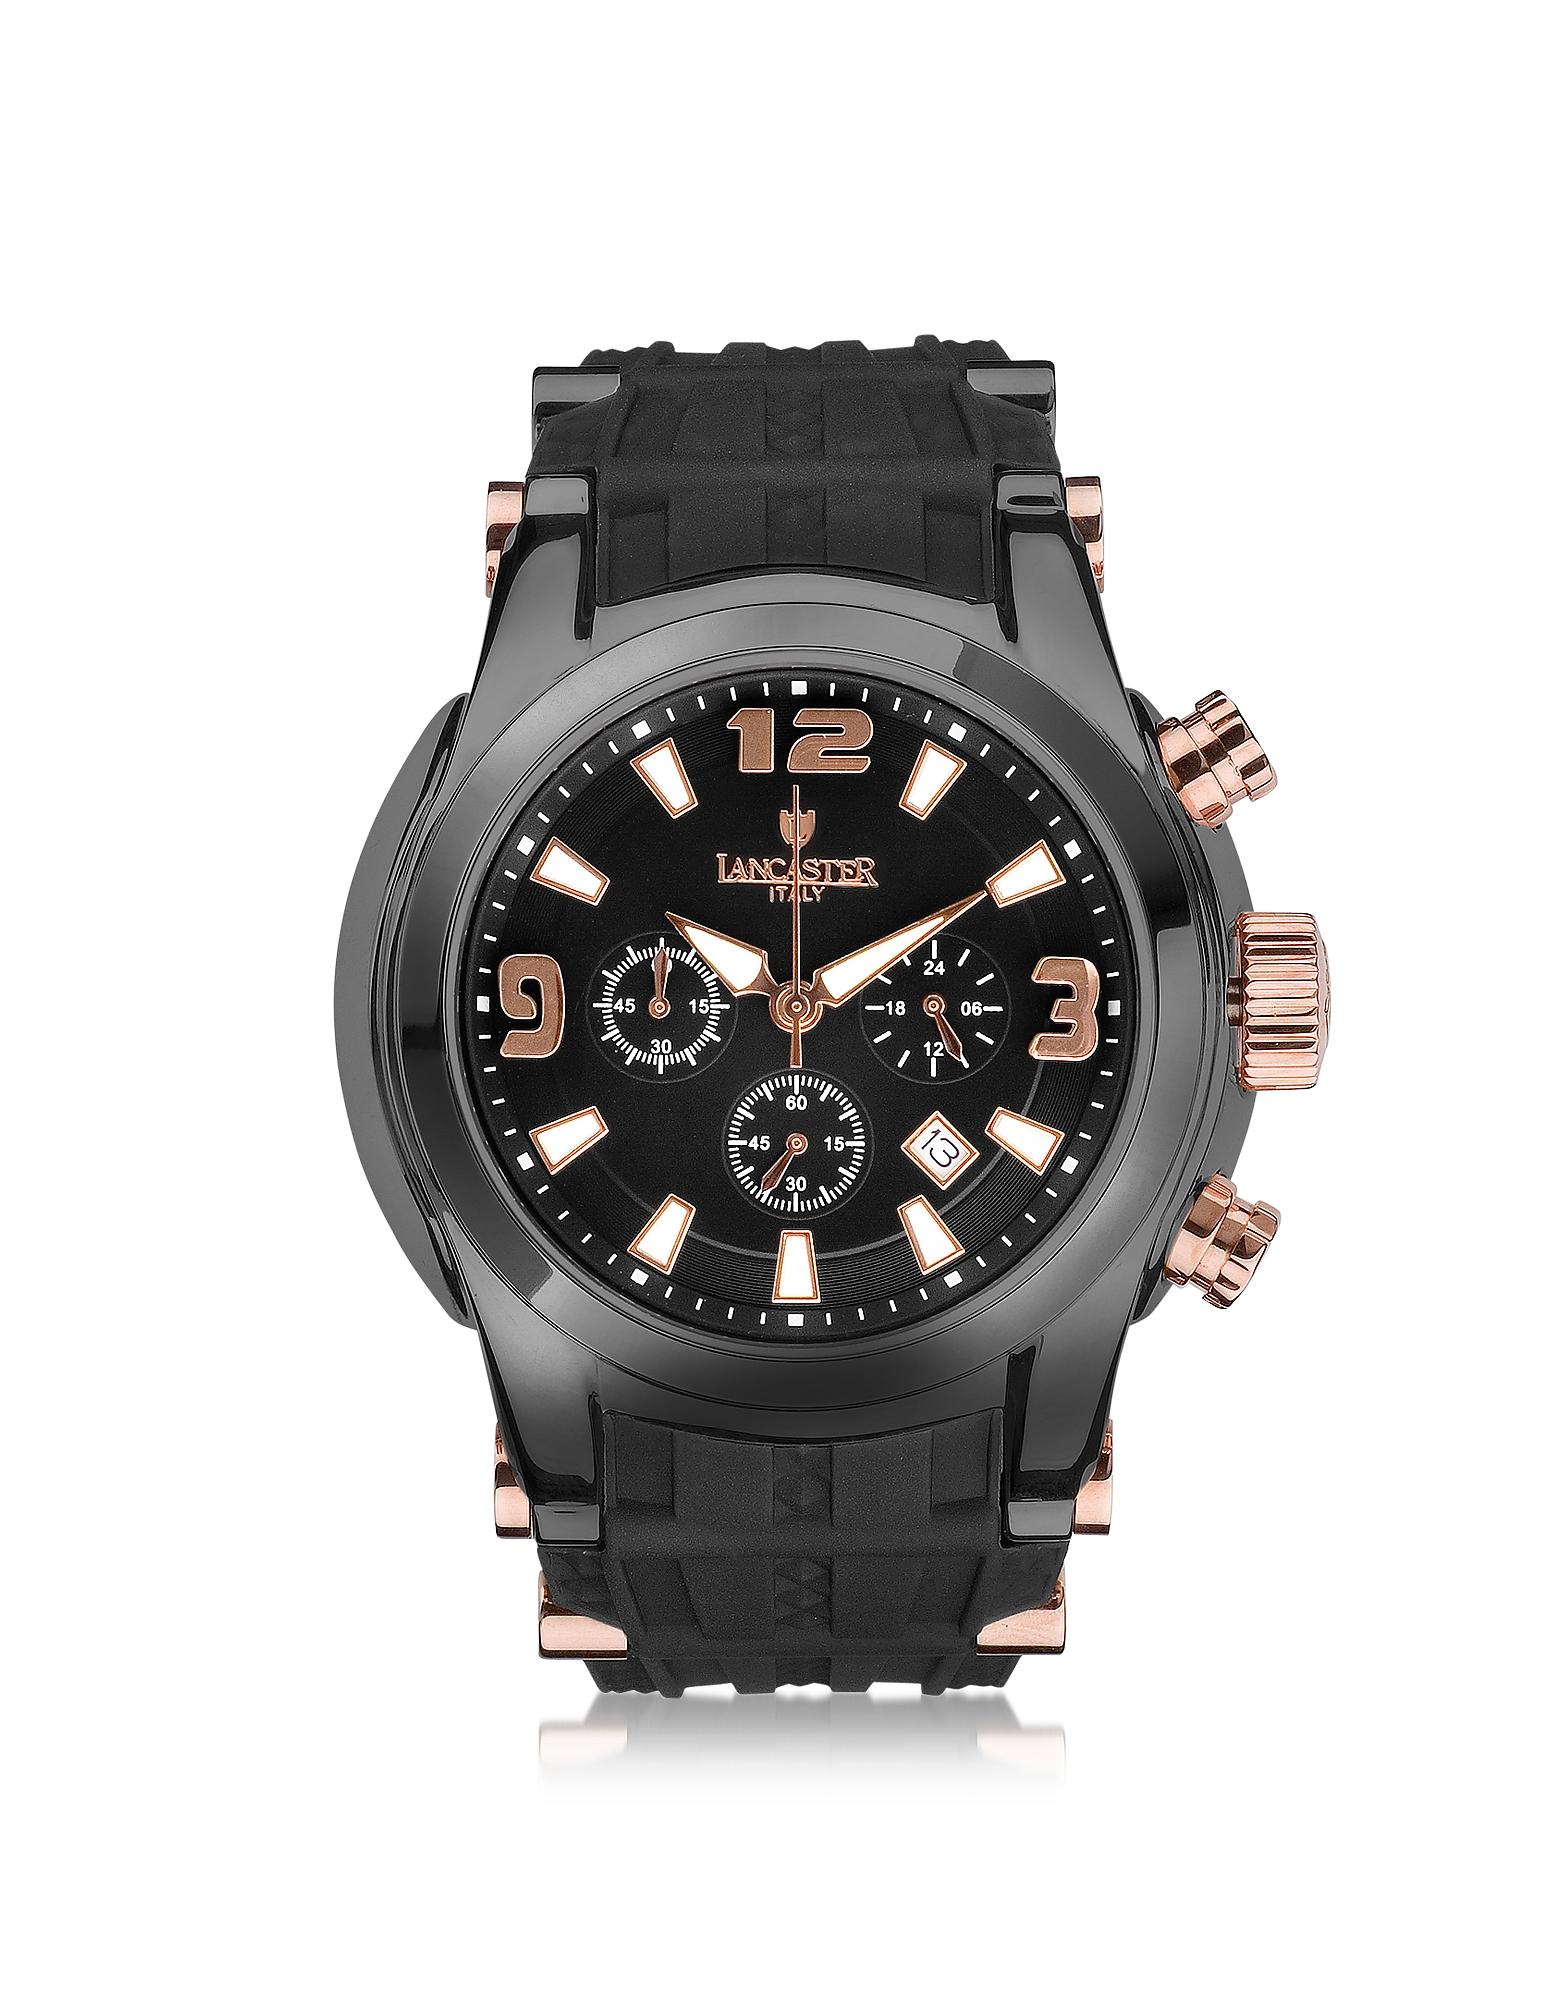 Bongo - Мужские Часы Хронограф из Нержавеющей Стали с Черным Резиновым Ремешком